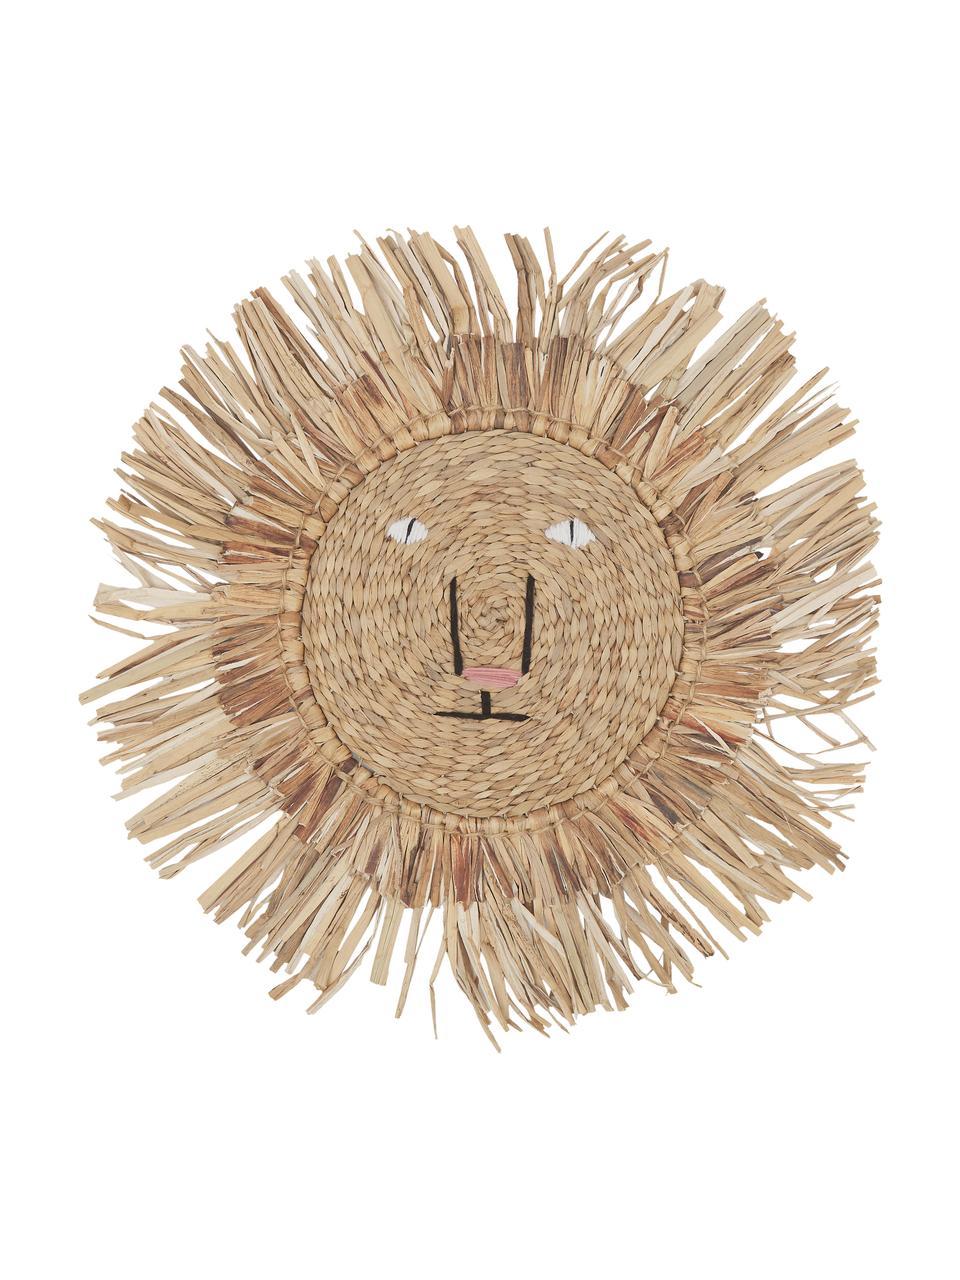 Dekoracja ścienna Sunny, Włókno naturalne, Beżowy, Ø 63 cm